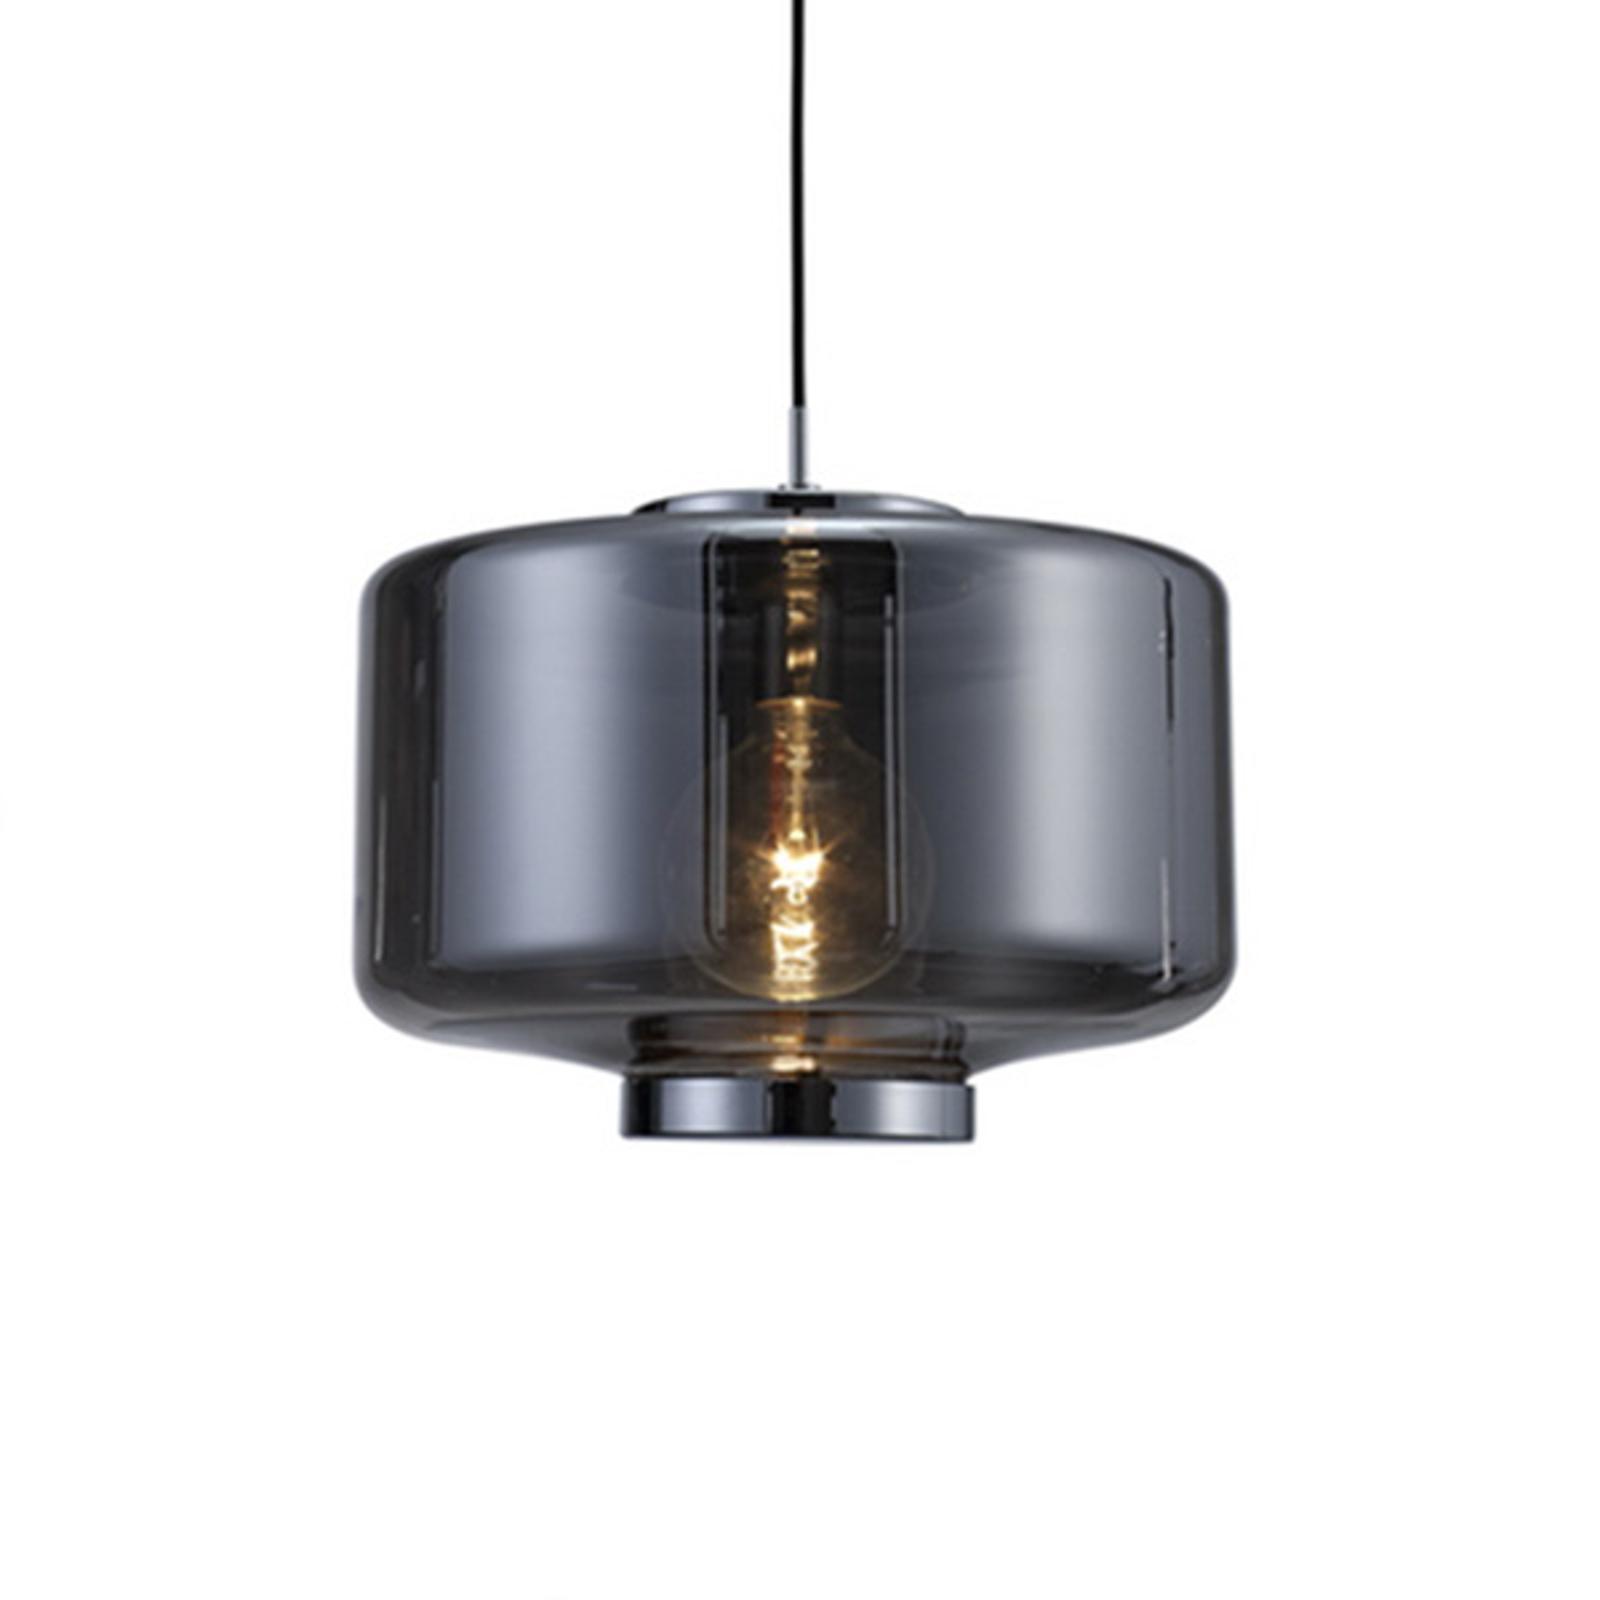 Acquista Lampada sospensione vetro Jarras Ø 40 cm, cromo